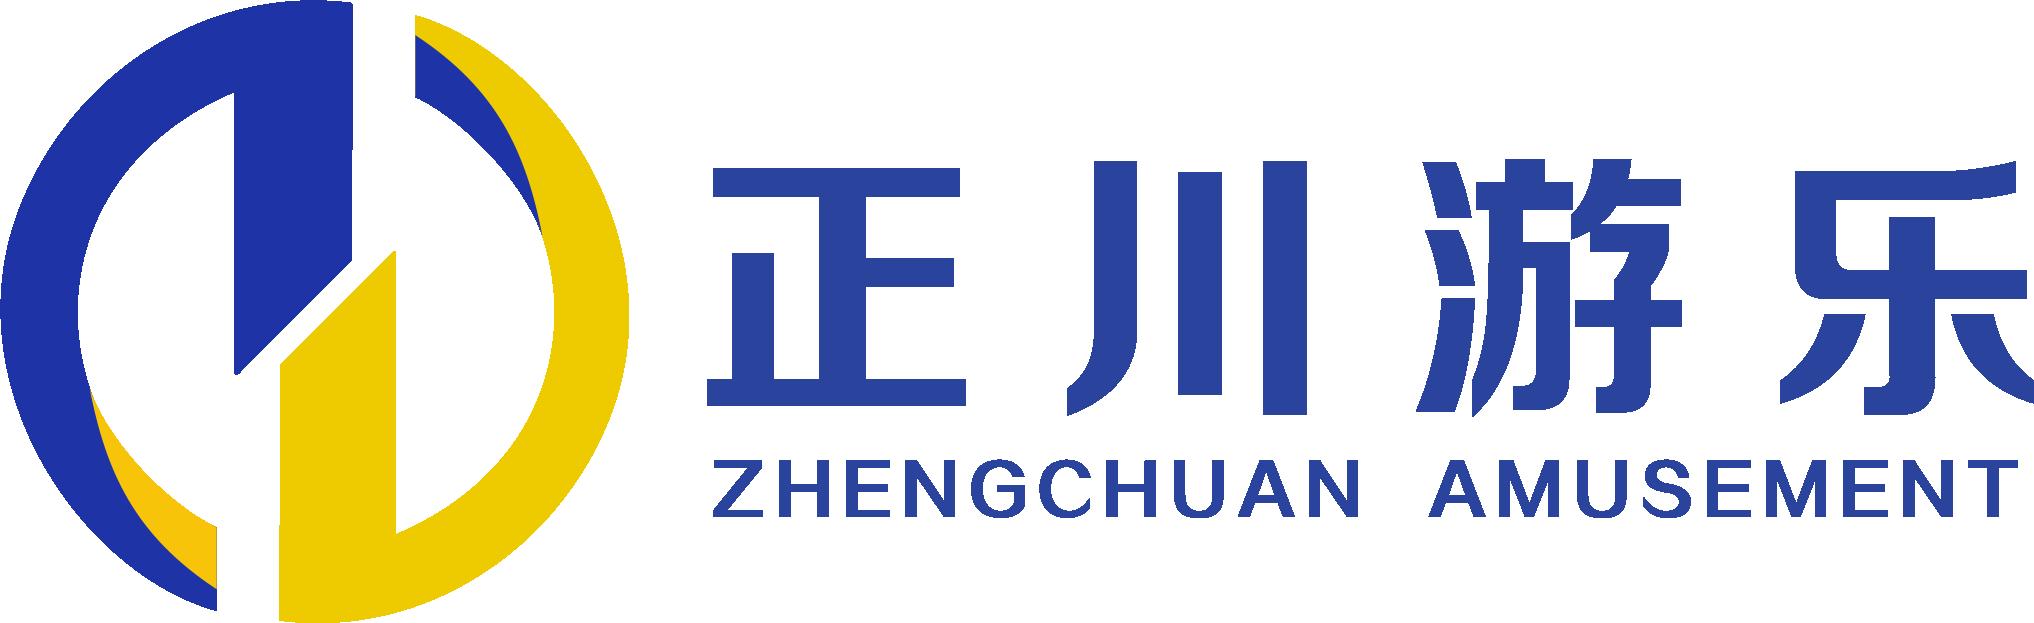 中山市正川游乐设备有限公司(20180110)_国际人才网_job001.cn